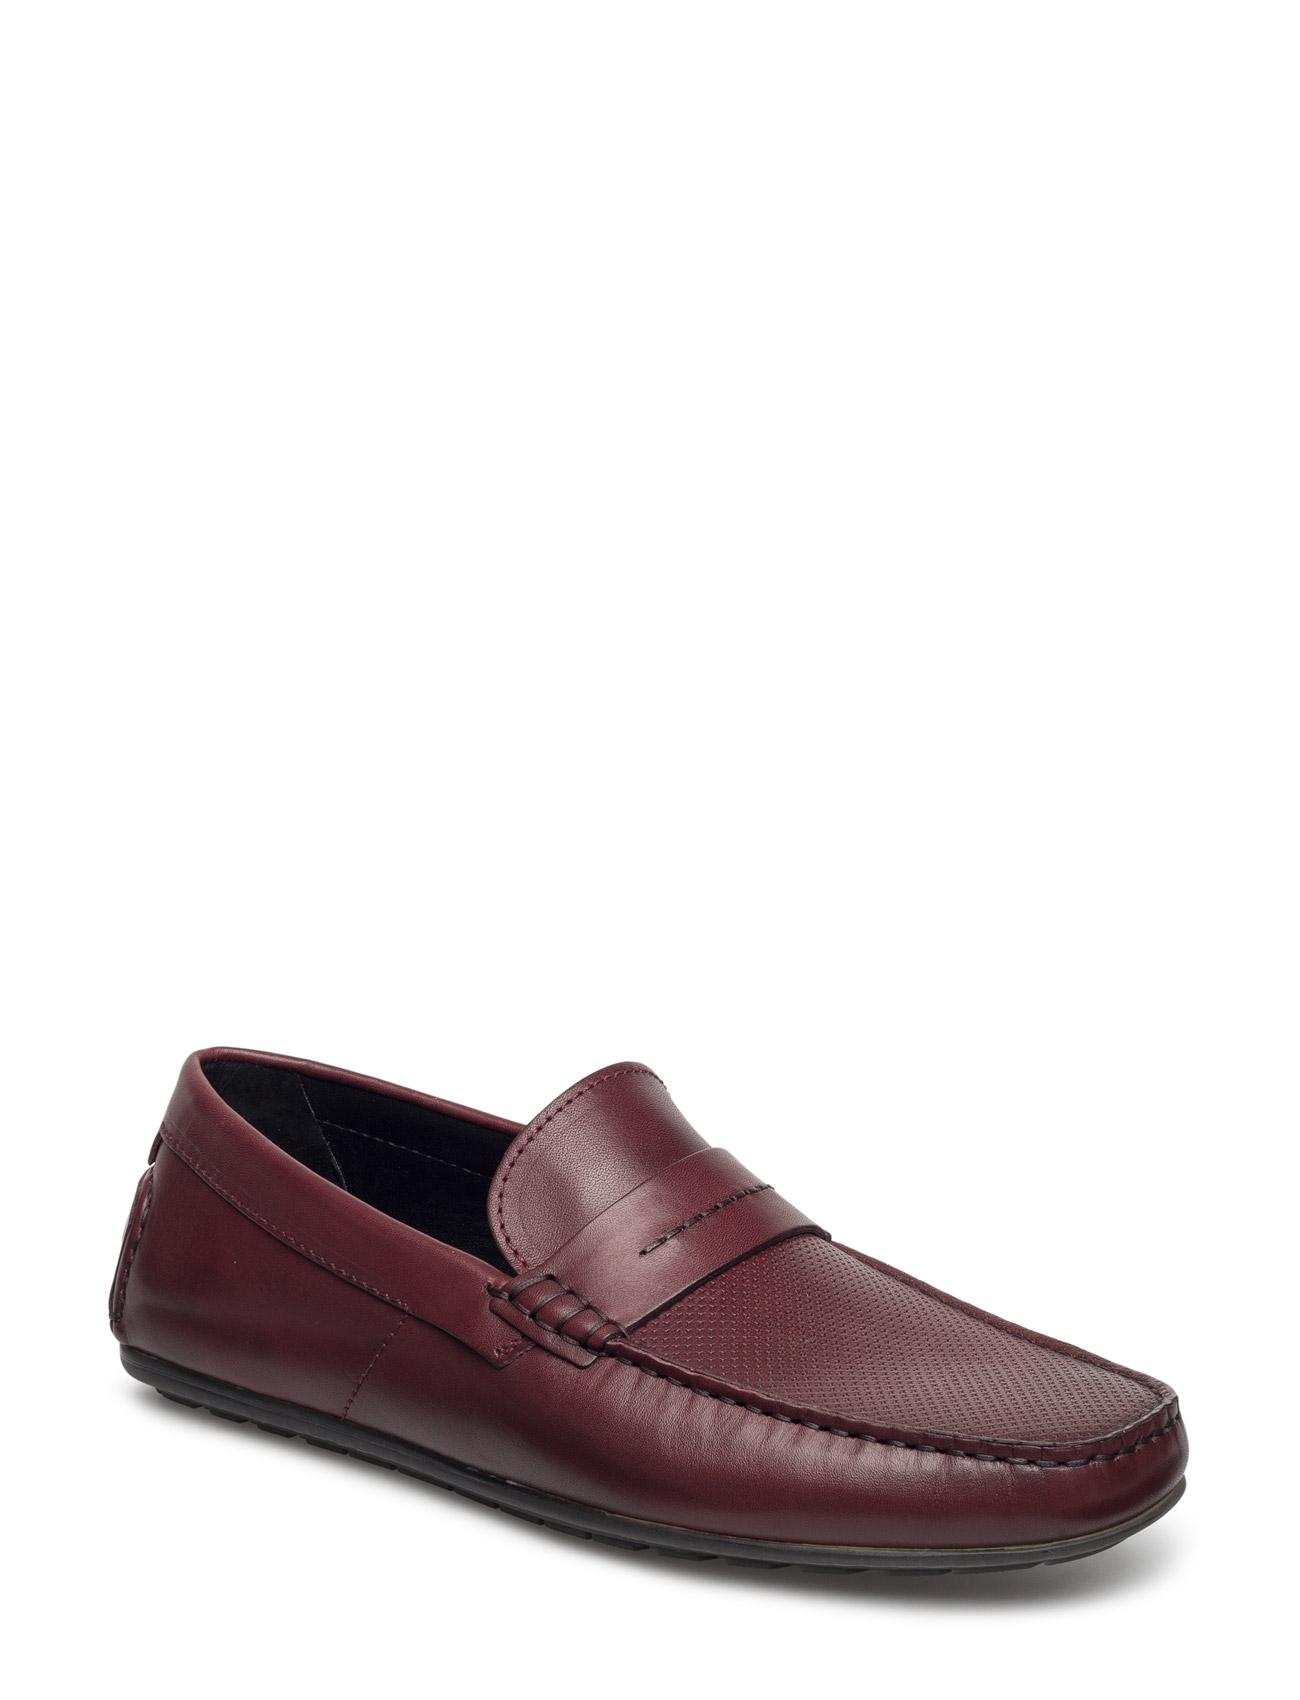 Dandy_mocc_plpr HUGO Casual sko til Herrer i Mørkerød